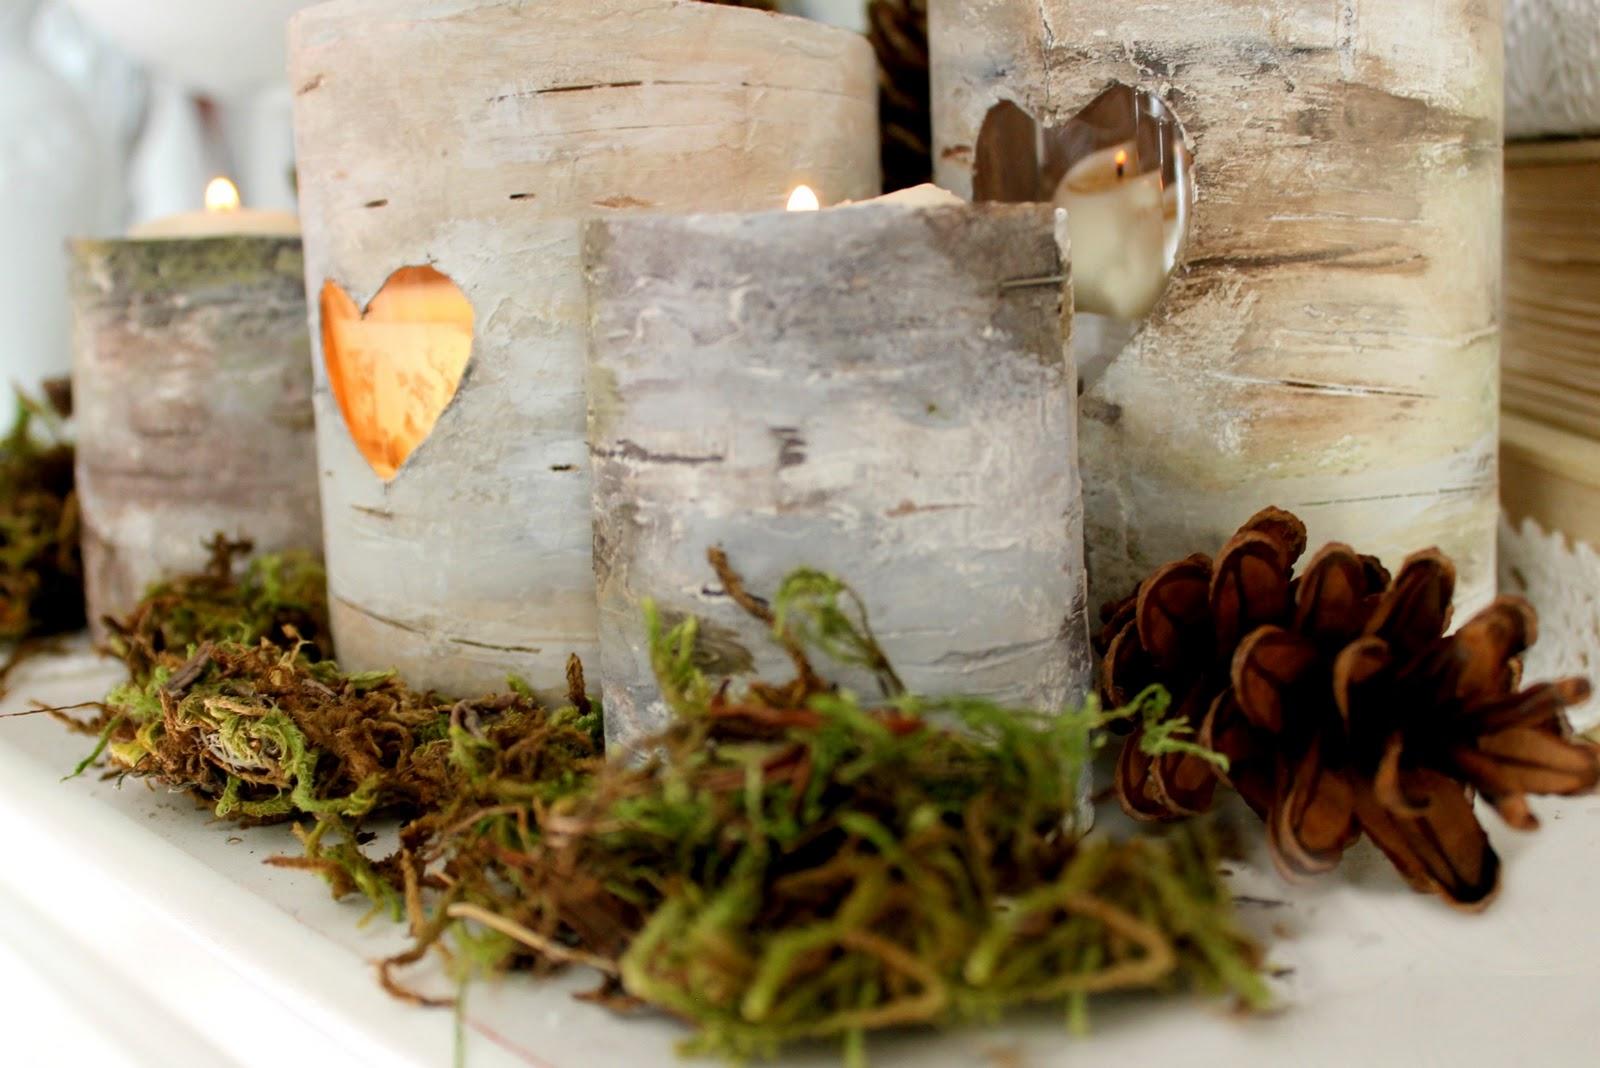 #2E1C05 Craftberry Bush Creativity In Bloom 5331 décorations de noel avec bouleau 1600x1068 px @ aertt.com